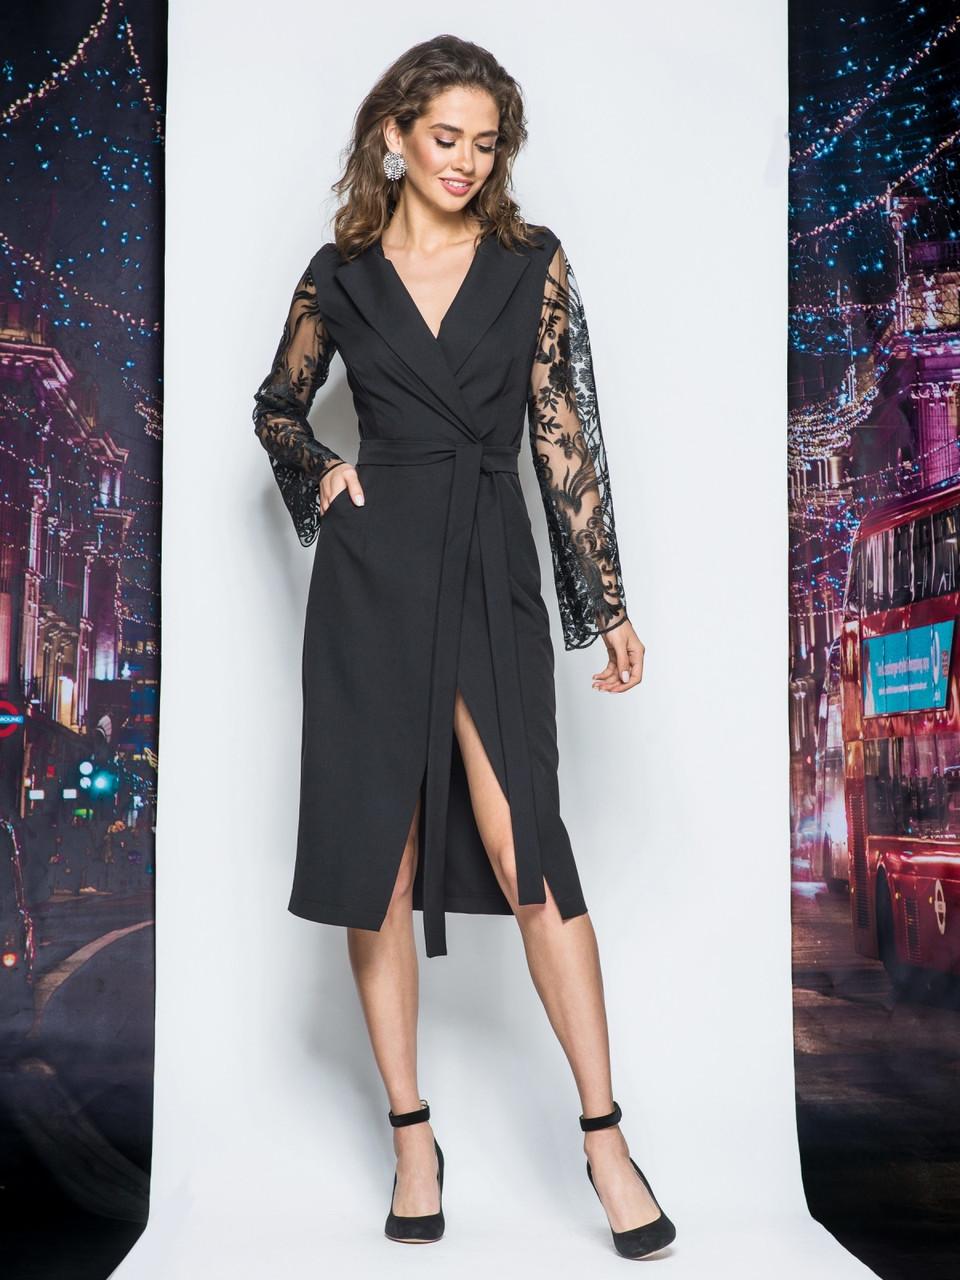 Платье женское, цена 810 грн., купить Жмеринка — Prom.ua (ID 814802123) de028e8b3a2